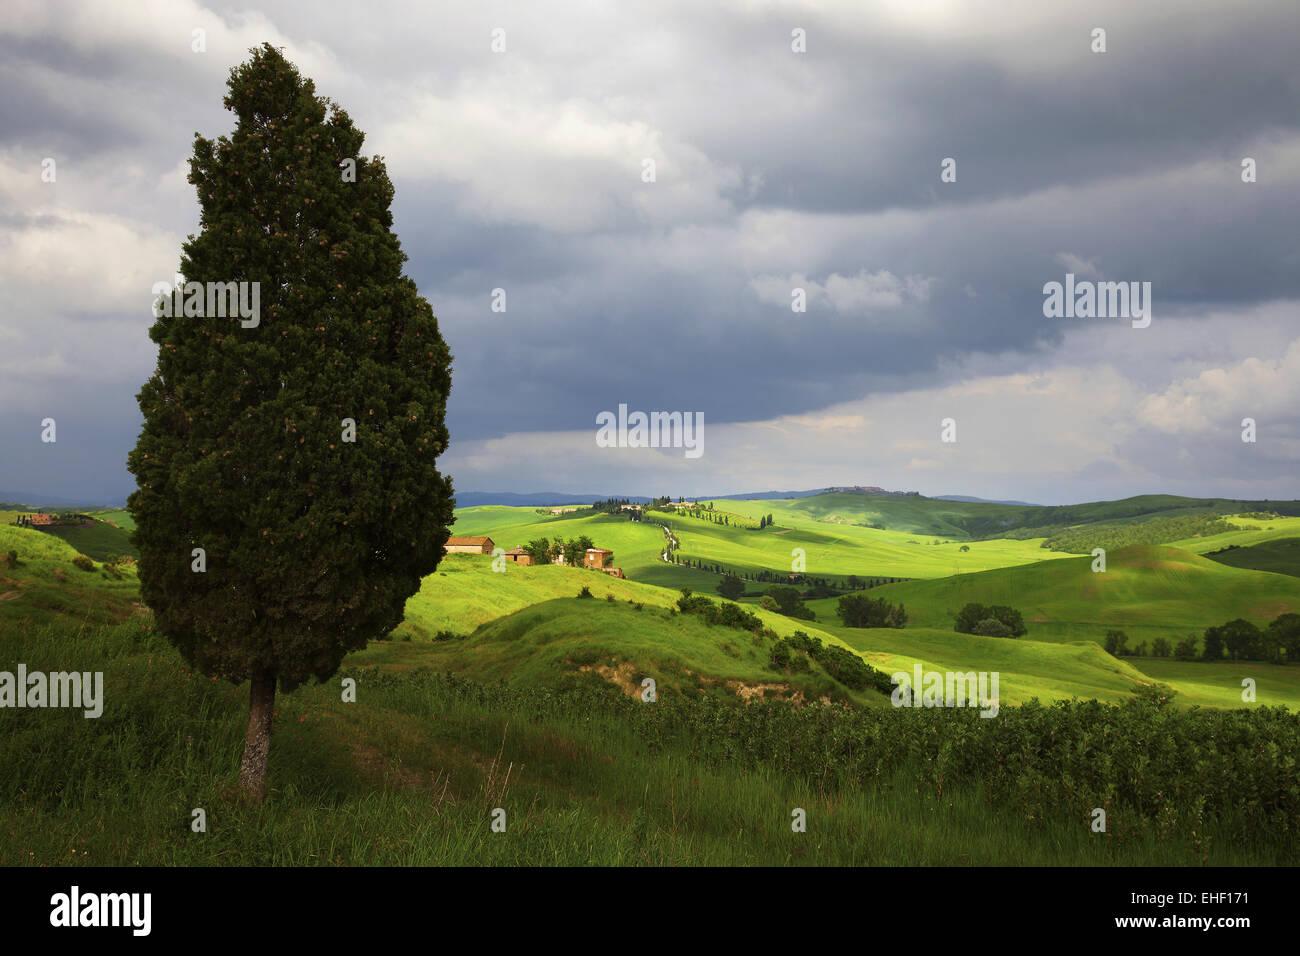 Crete Senesi, Val d'Arbia, Tuscany, Italy - Stock Image